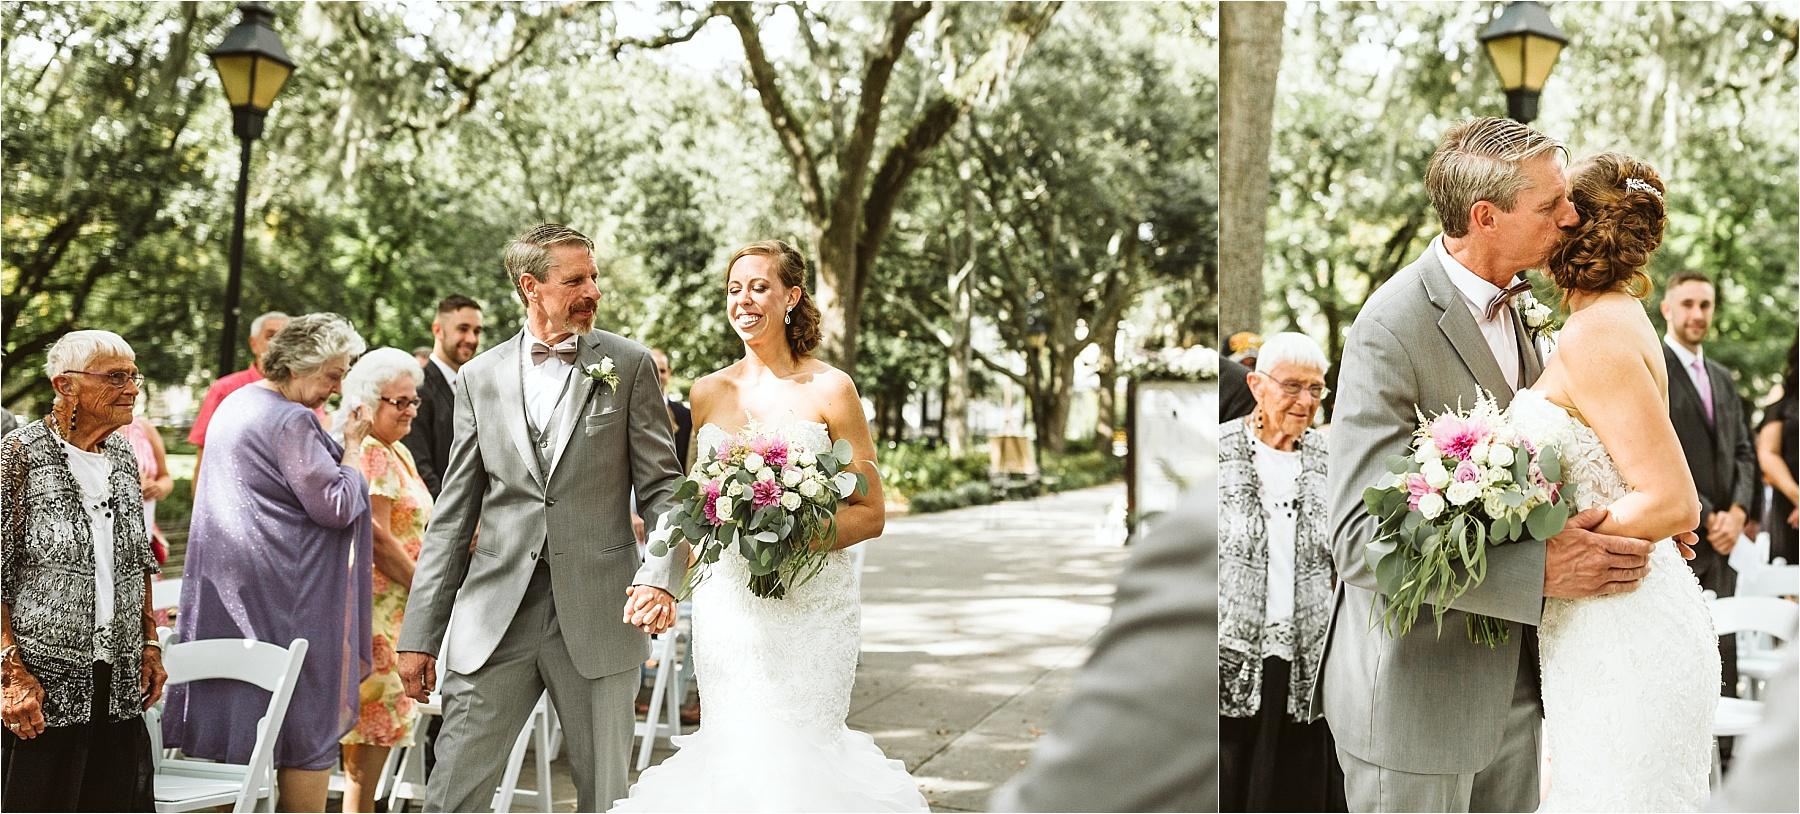 Forsyth Park Savannah Wedding_0053.jpg